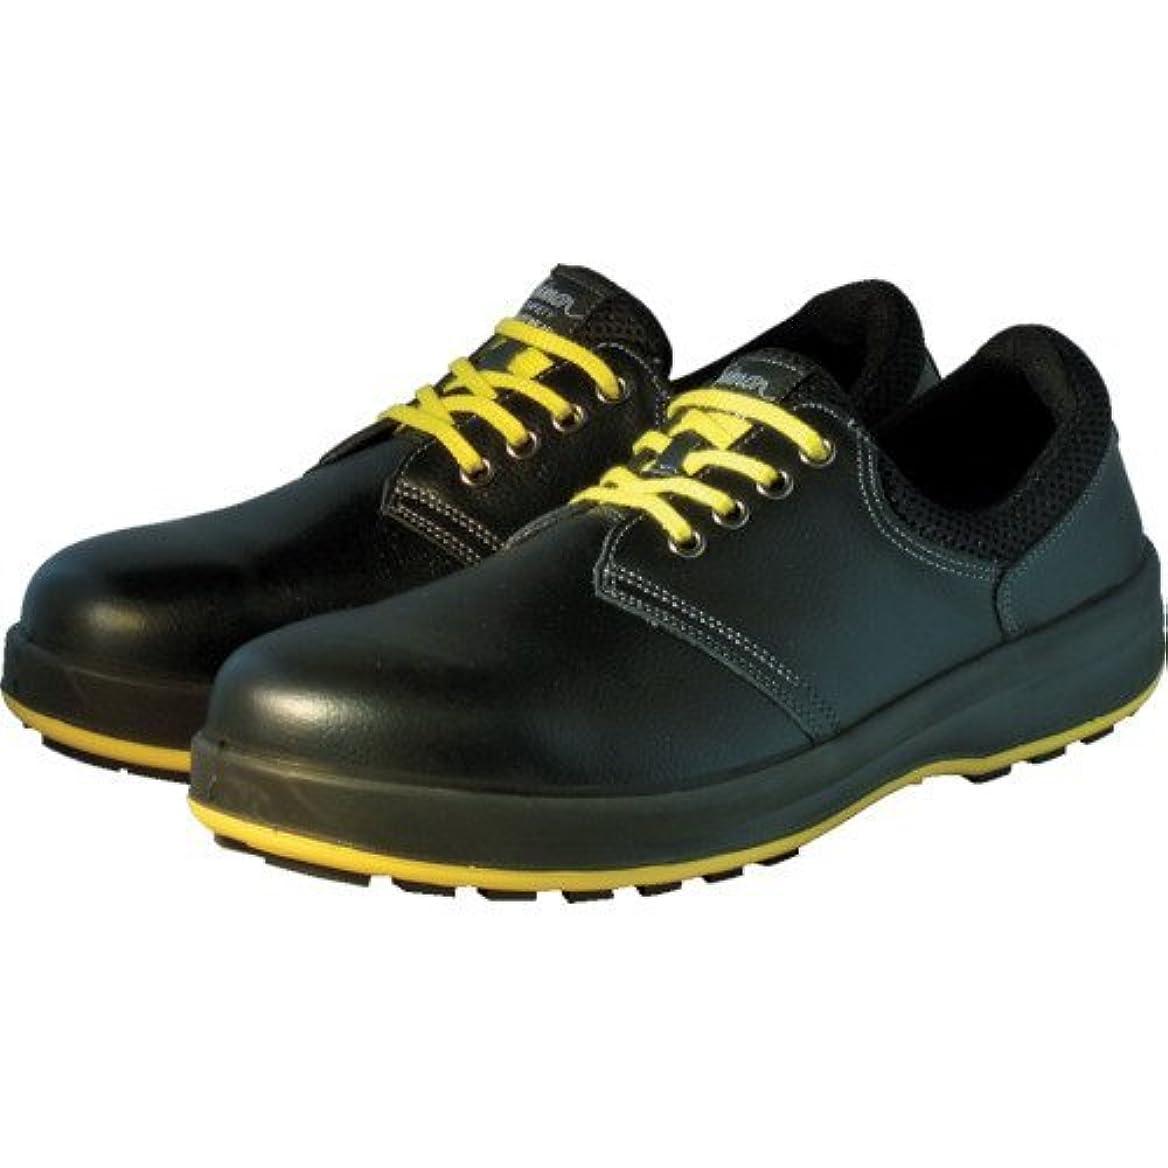 予測する黒くするバッフルシモン 安全靴 短靴 WS11黒静電靴K 29.0cm WS11BKSK-29.0